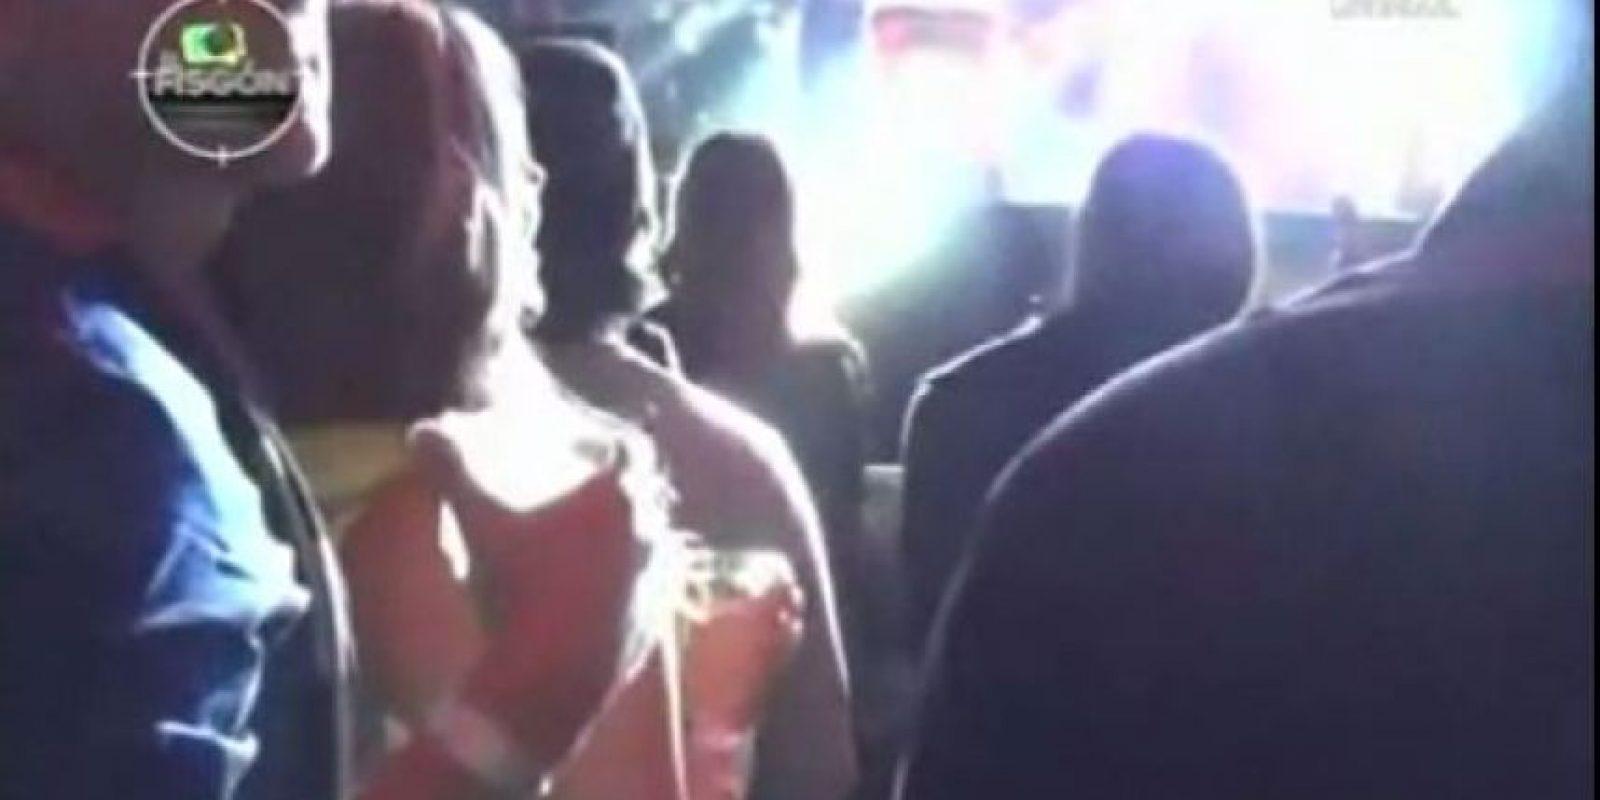 La rubia del frente es Alejandra Buitrago y detrás de ella está el hombre con el que bailó.